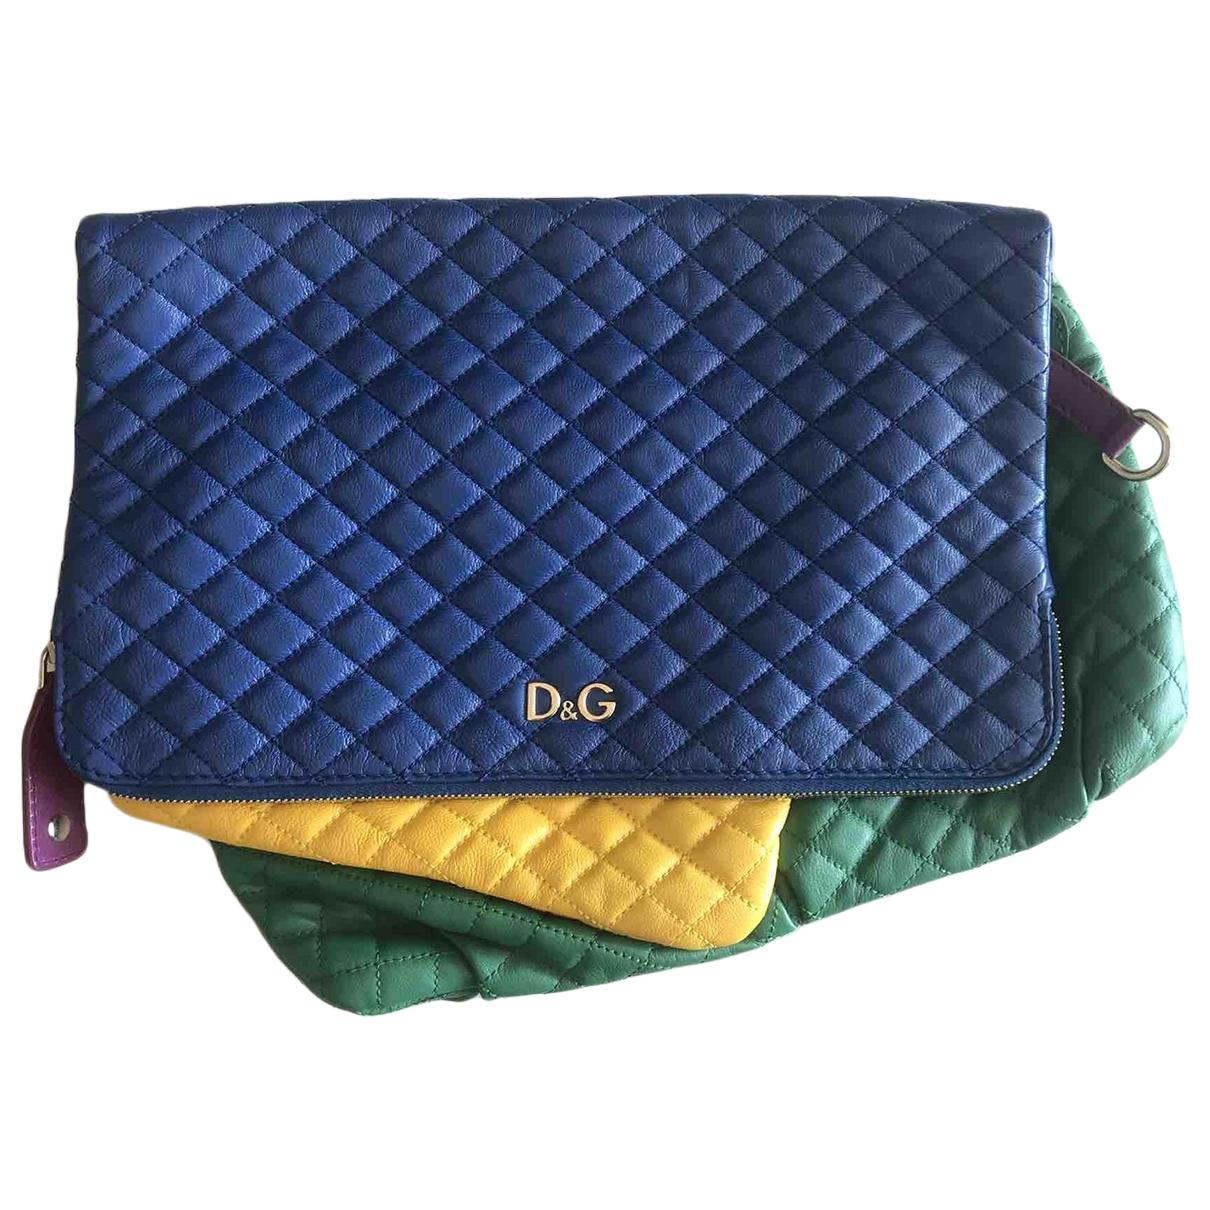 Dolce & Gabbana - Pochette   pour femme en cuir - multicolore